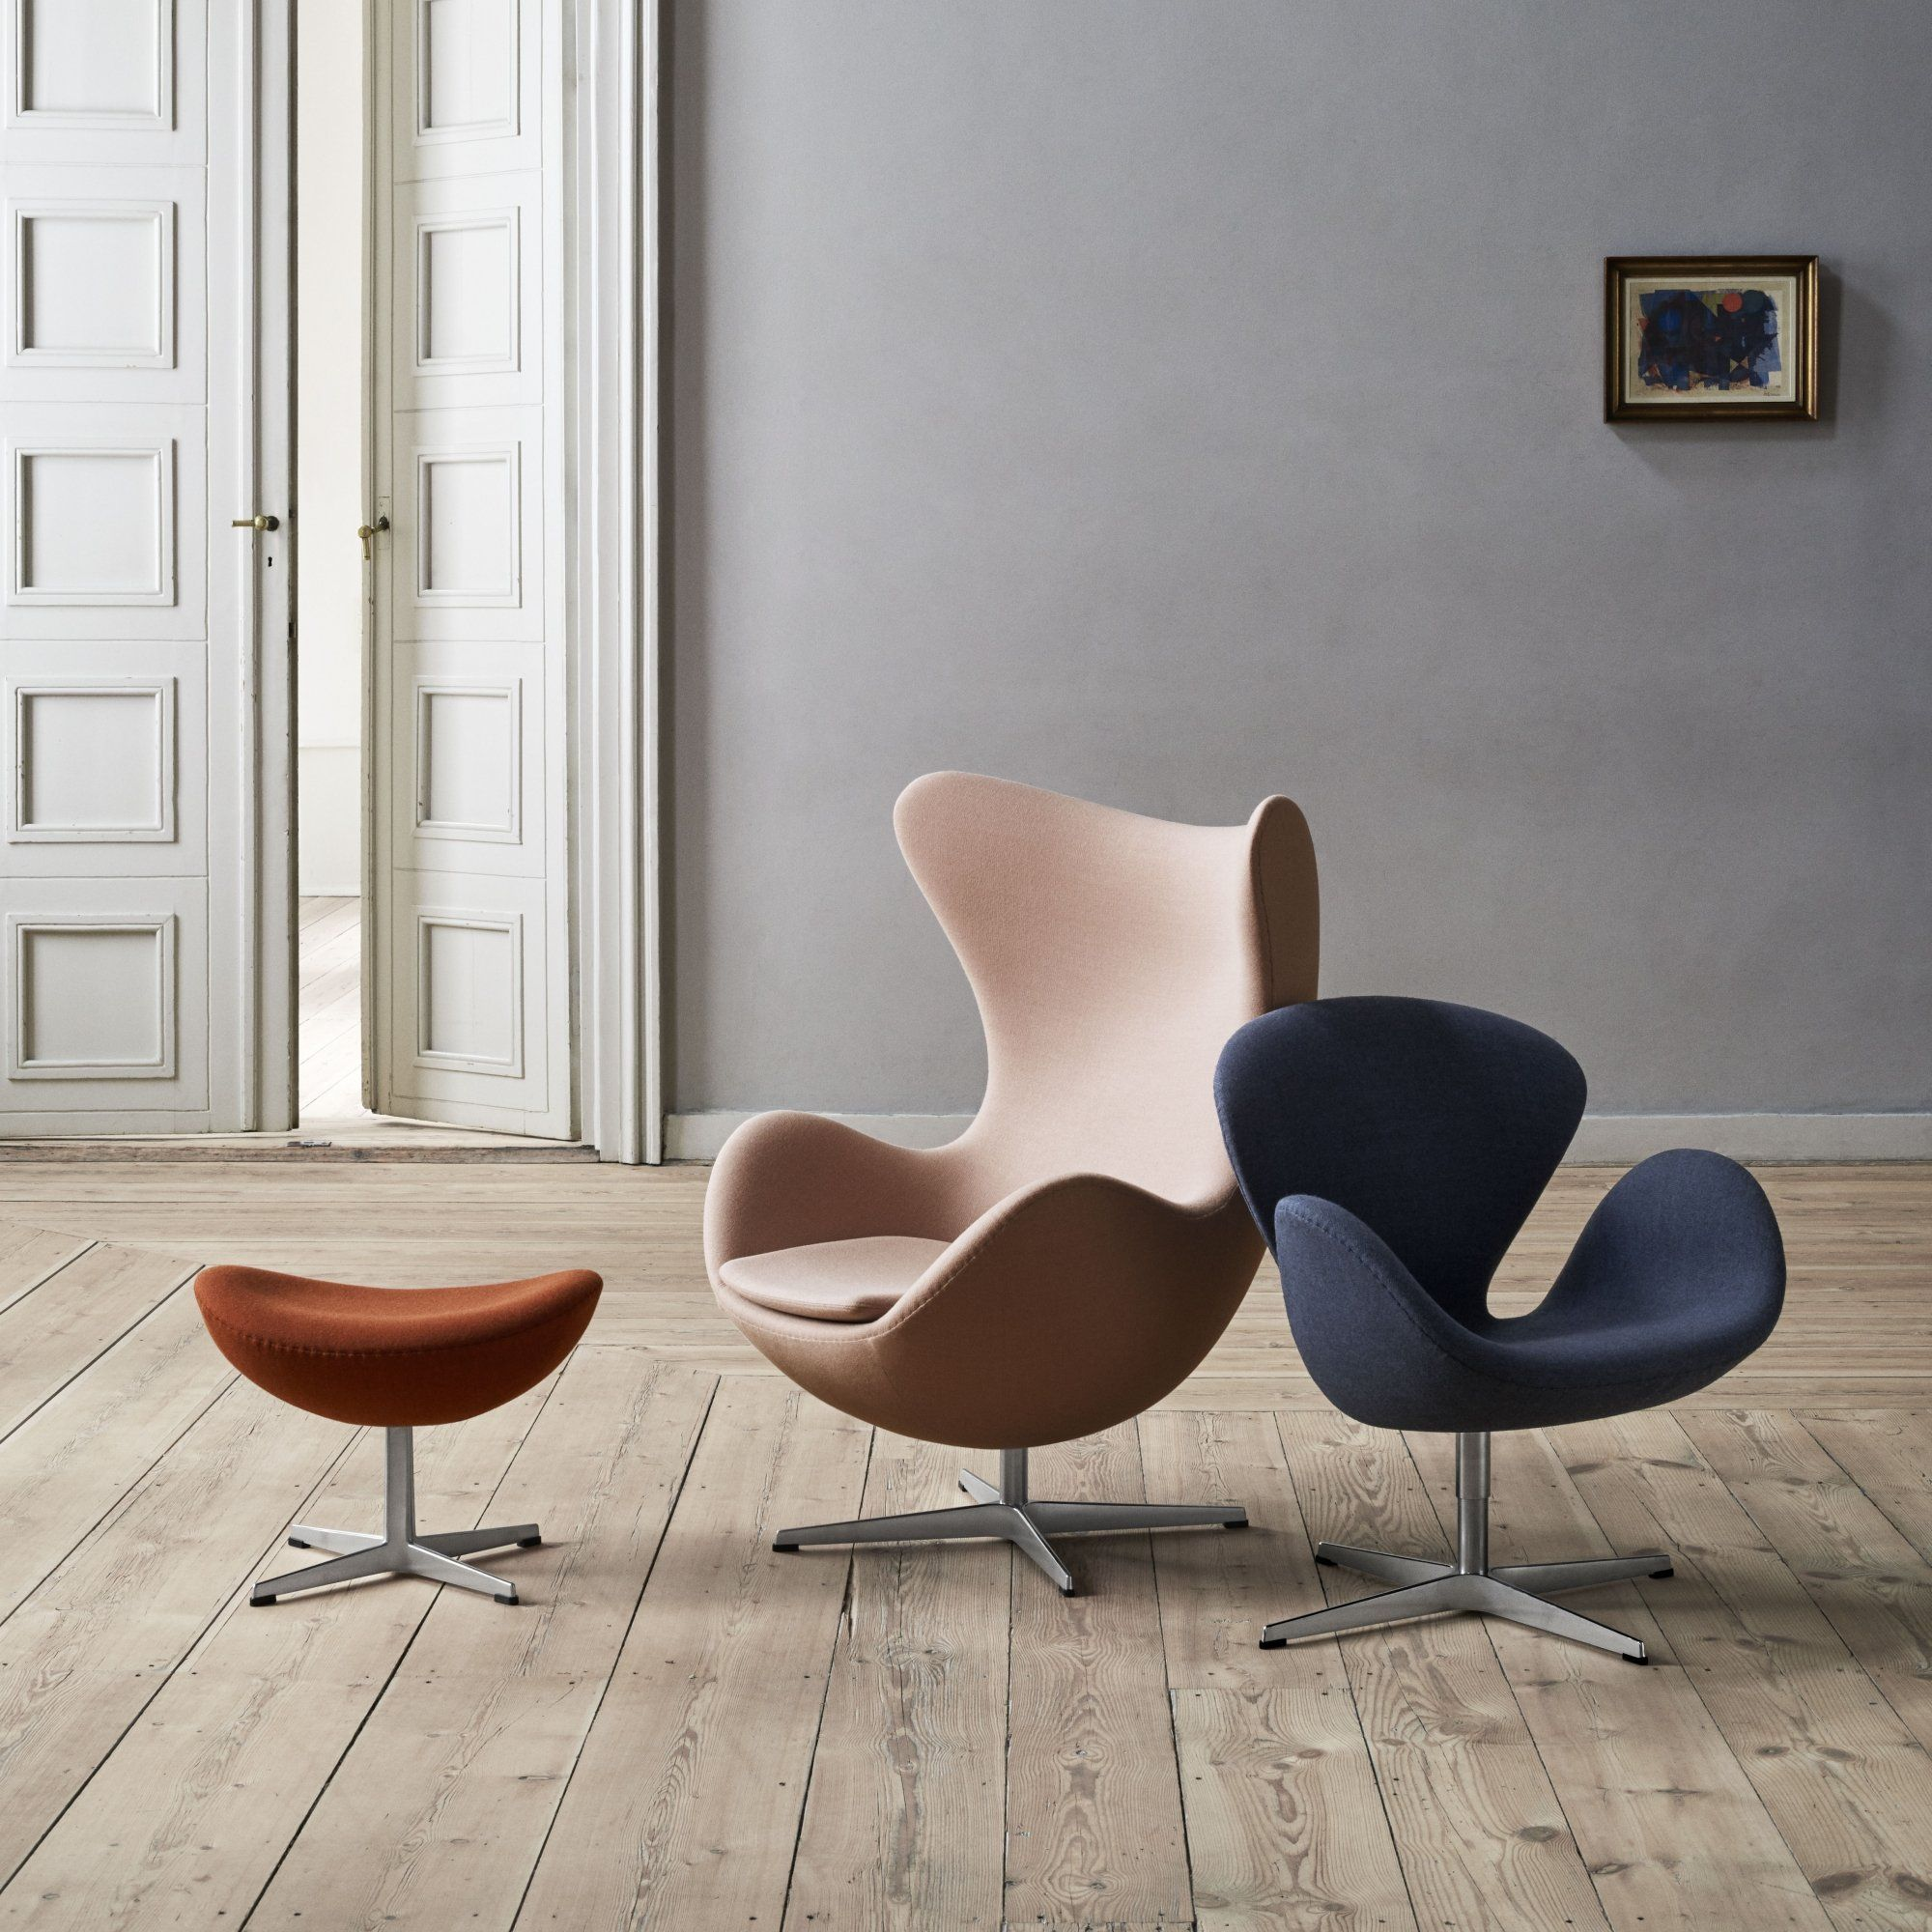 Le fauteuil Egg Fritz Hansen Assises Seats Pinterest